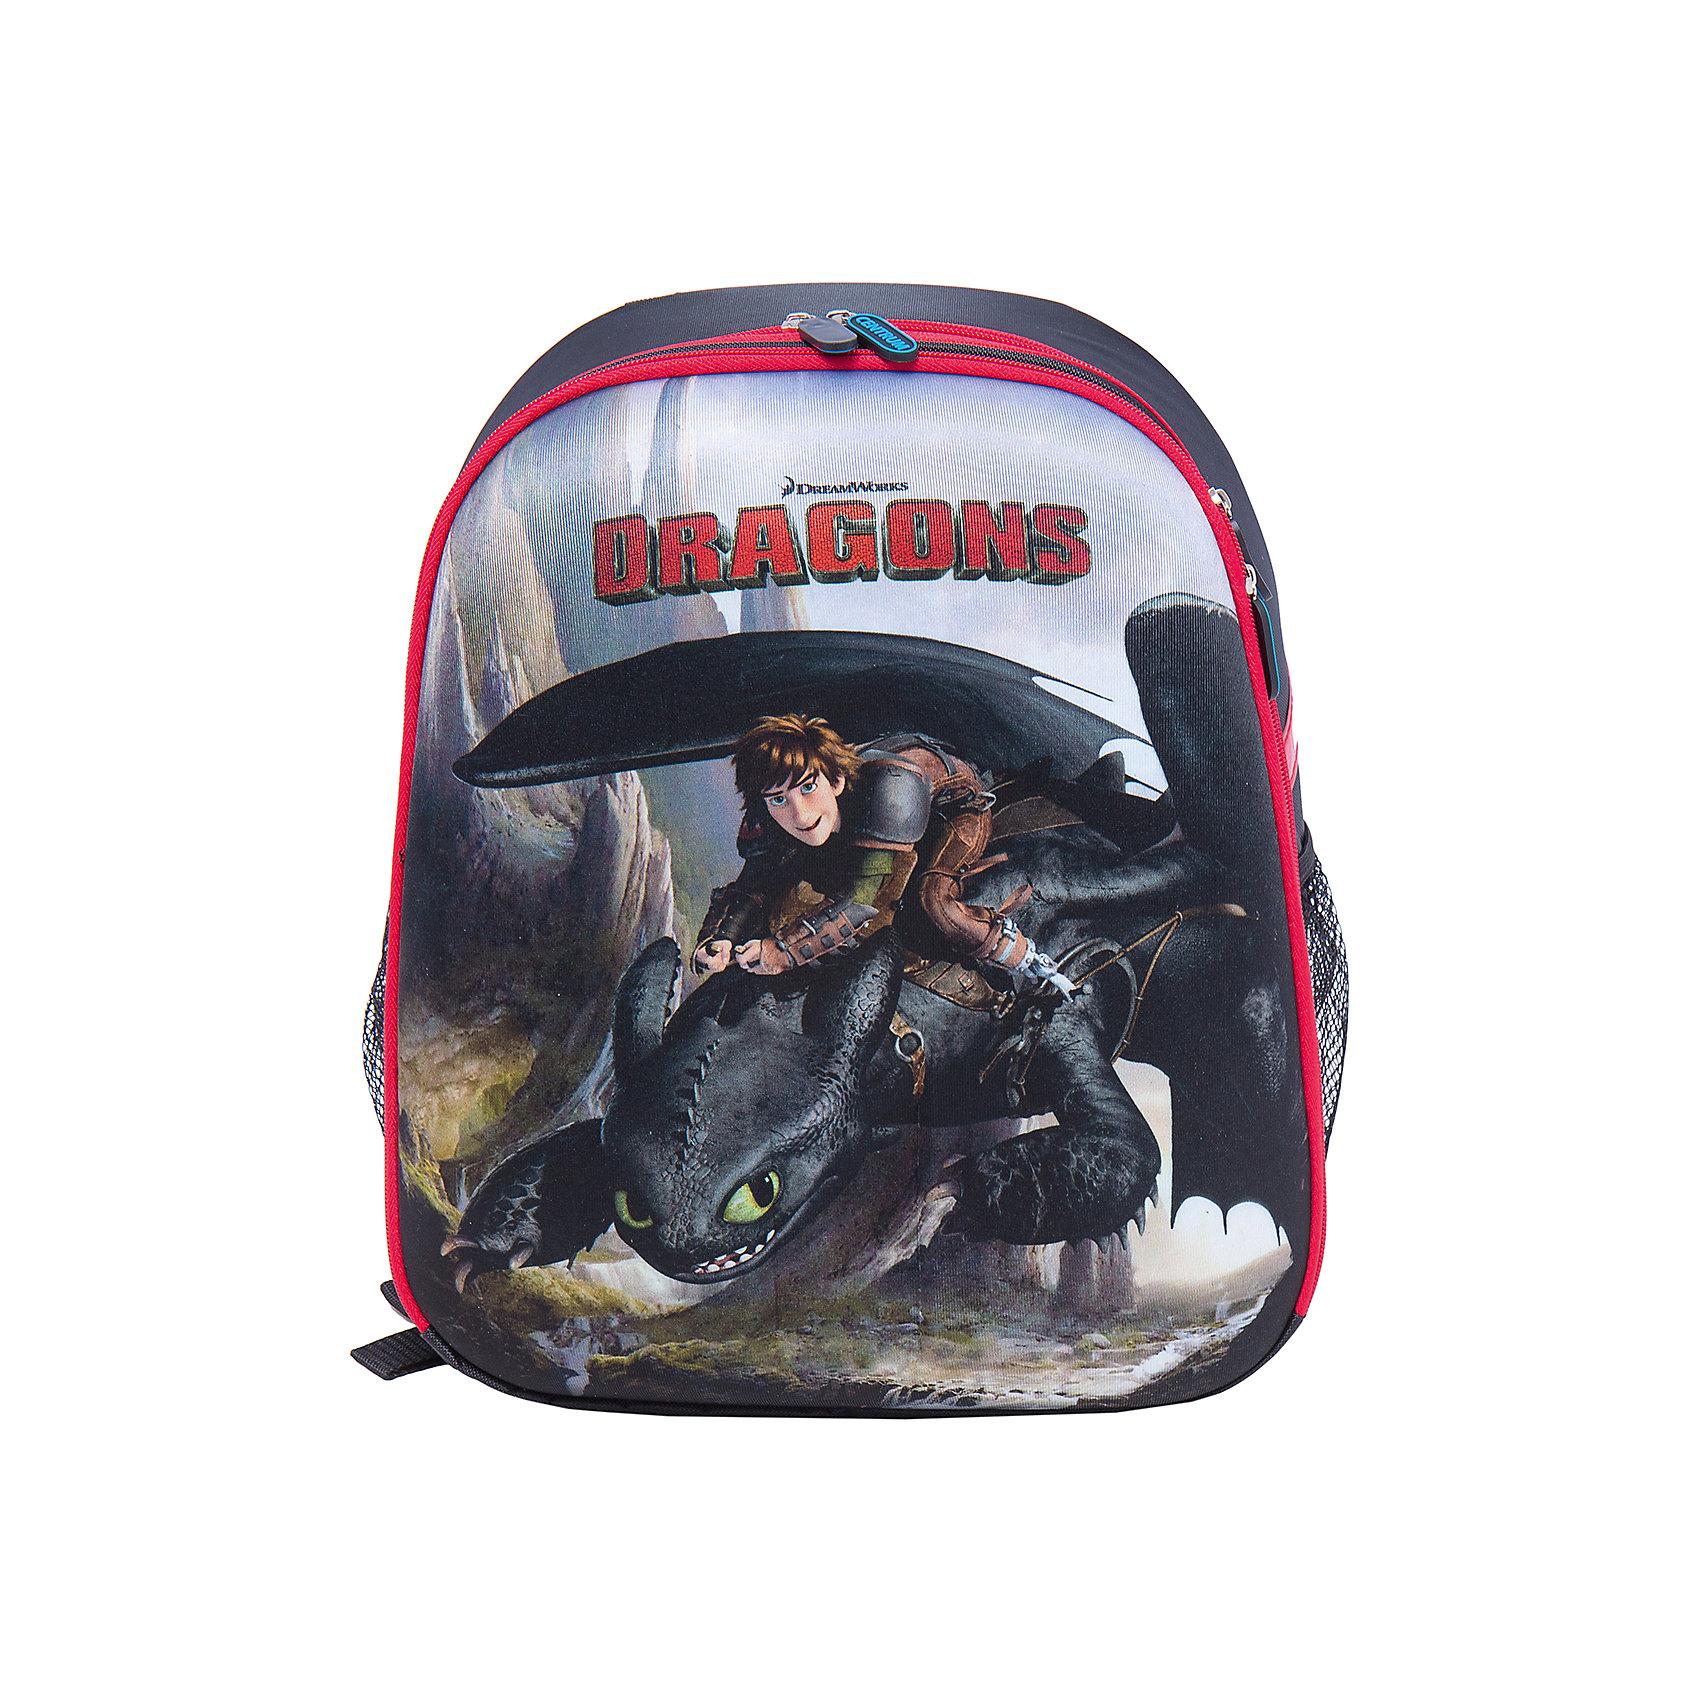 Школьный рюкзак ДраконыРюкзаки<br>Рюкзак  с изображением дракона из мультфильма идеально подходит для похода ребенка в школу. Он очень стильно выглядит и может вместить в себя всё необходимое для занятий. Главное - у него жесткая ортопедическая спинка, позволяющая формировать у ребенка правильную осанку, передняя и боковые части - вспененный формованный микропористый полимер, жесткое ударопрочное дно, пластиковые ножки.<br>В рюкзаке - два больших отделения, также есть два удобных боковых кармана. Изделие дополнено светоотражающими элементами для повышения безопасности ребенка. На рюкзаке - удобные широкие лямки, петля, ручка для переноса. Застегивается на молнию. Изделие произведено из качественных и безопасных для ребенка материалов.<br><br>Дополнительная информация:<br><br>цвет: разноцветный;<br>материал: нейлон, полиэстер;<br>вес: 900 г;<br>широкие лямки;<br>жесткая ортопедическая спинка;<br>жесткое ударопрочное дно;<br>пластиковые ножки;<br>боковые карманы.<br><br>Школьный рюкзак Драконы можно купить в нашем магазине.<br><br>Ширина мм: 170<br>Глубина мм: 315<br>Высота мм: 380<br>Вес г: 90<br>Возраст от месяцев: 72<br>Возраст до месяцев: 144<br>Пол: Мужской<br>Возраст: Детский<br>SKU: 4743944